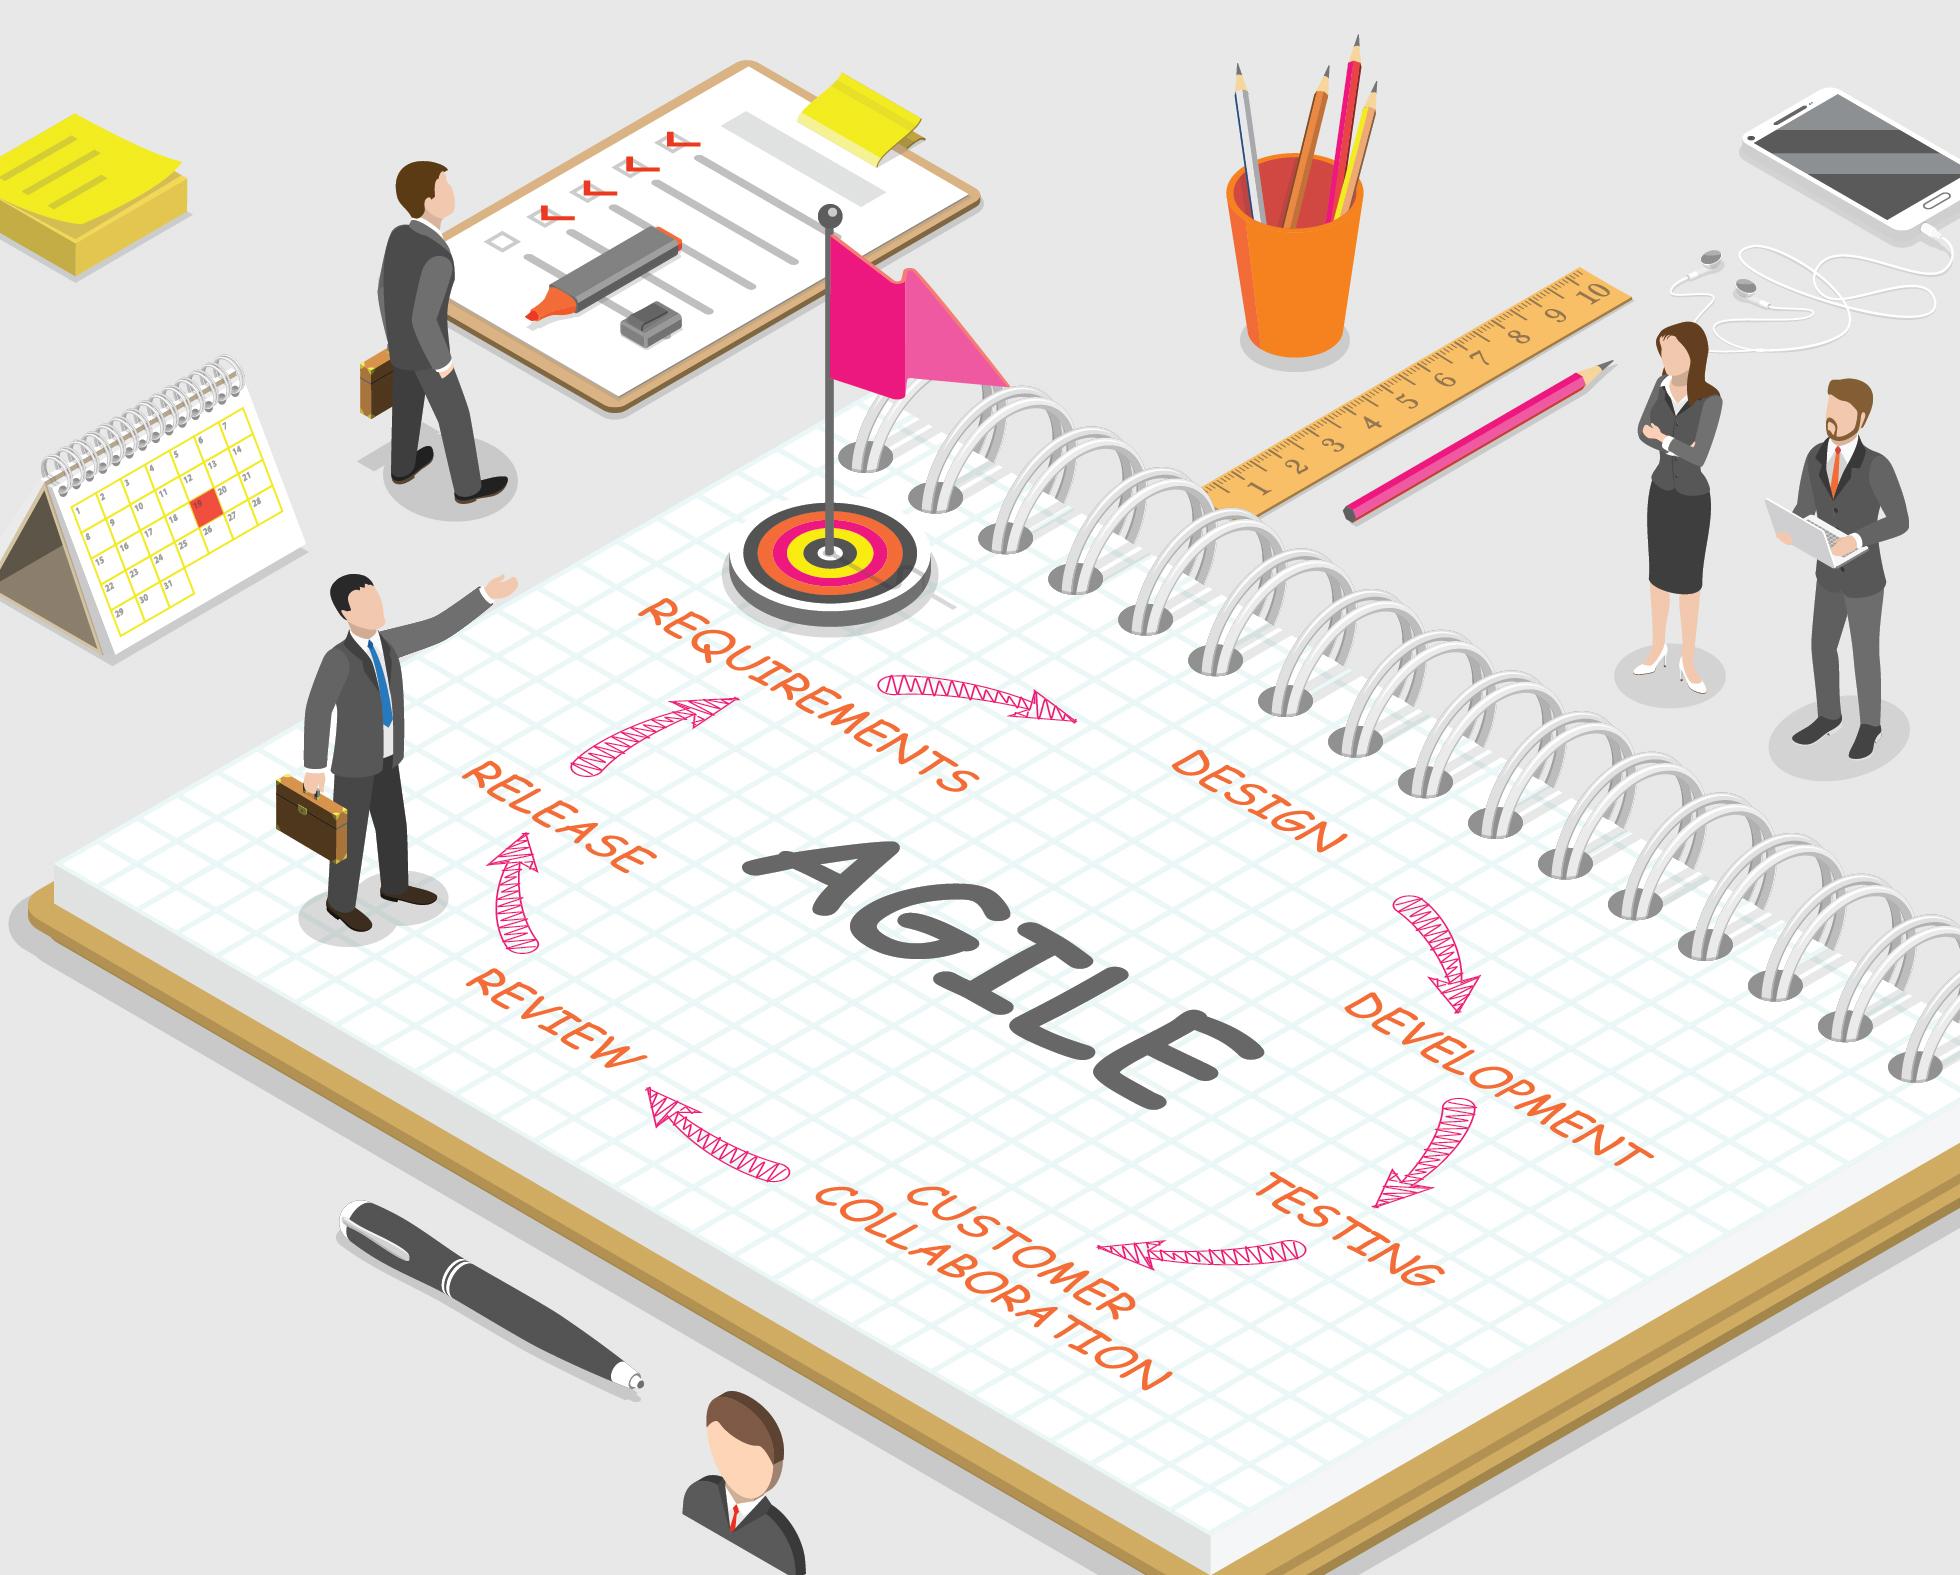 Agile-01-01-01.jpg